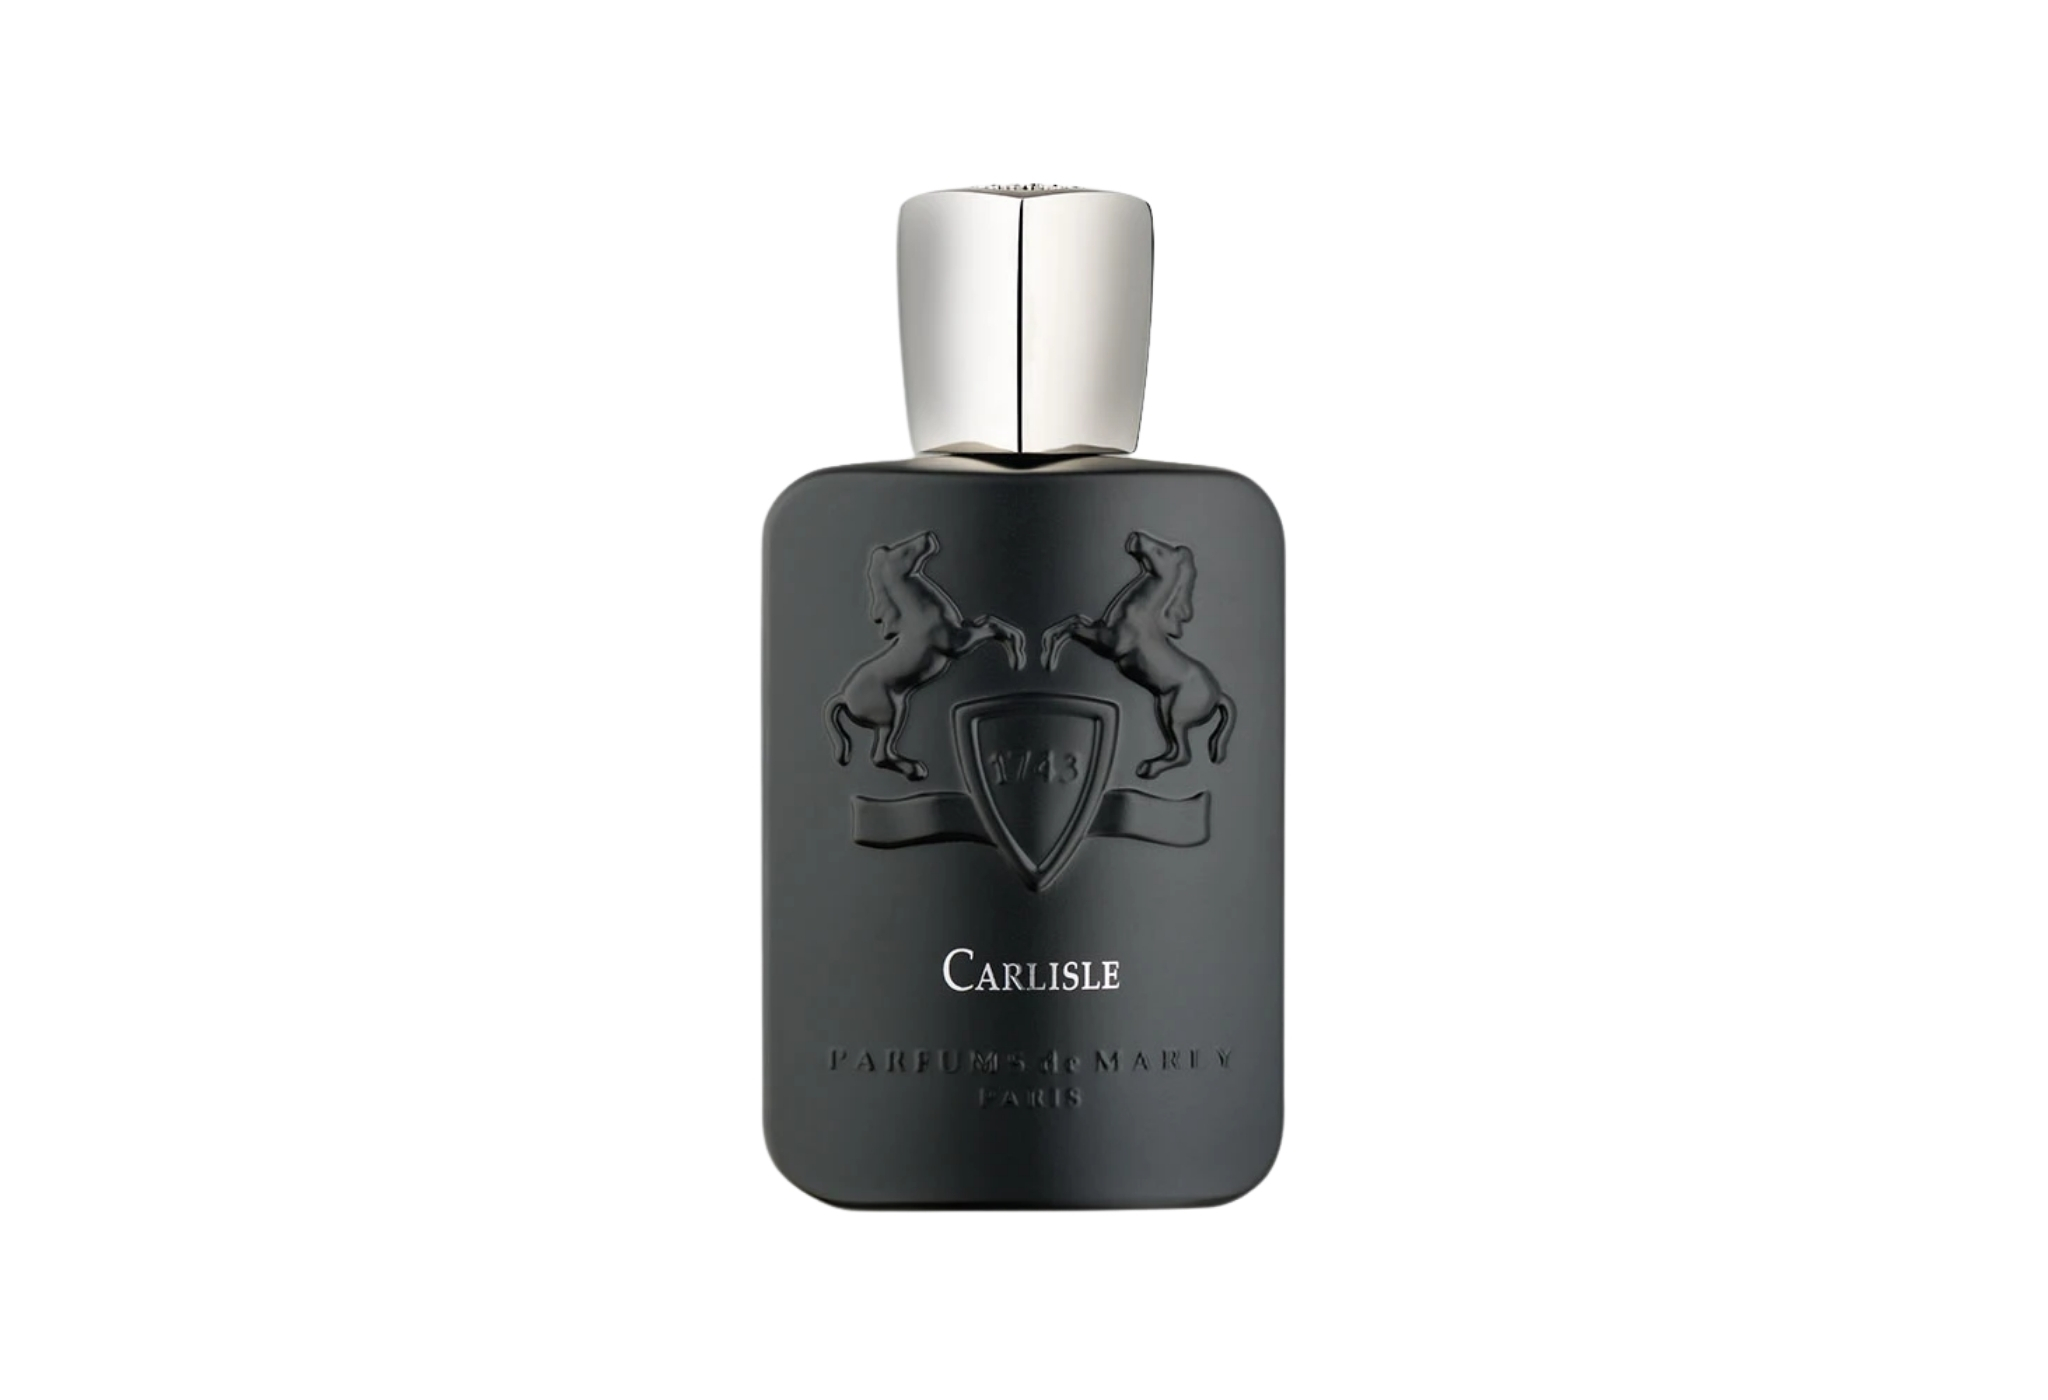 Carlisle Parfums de Marly